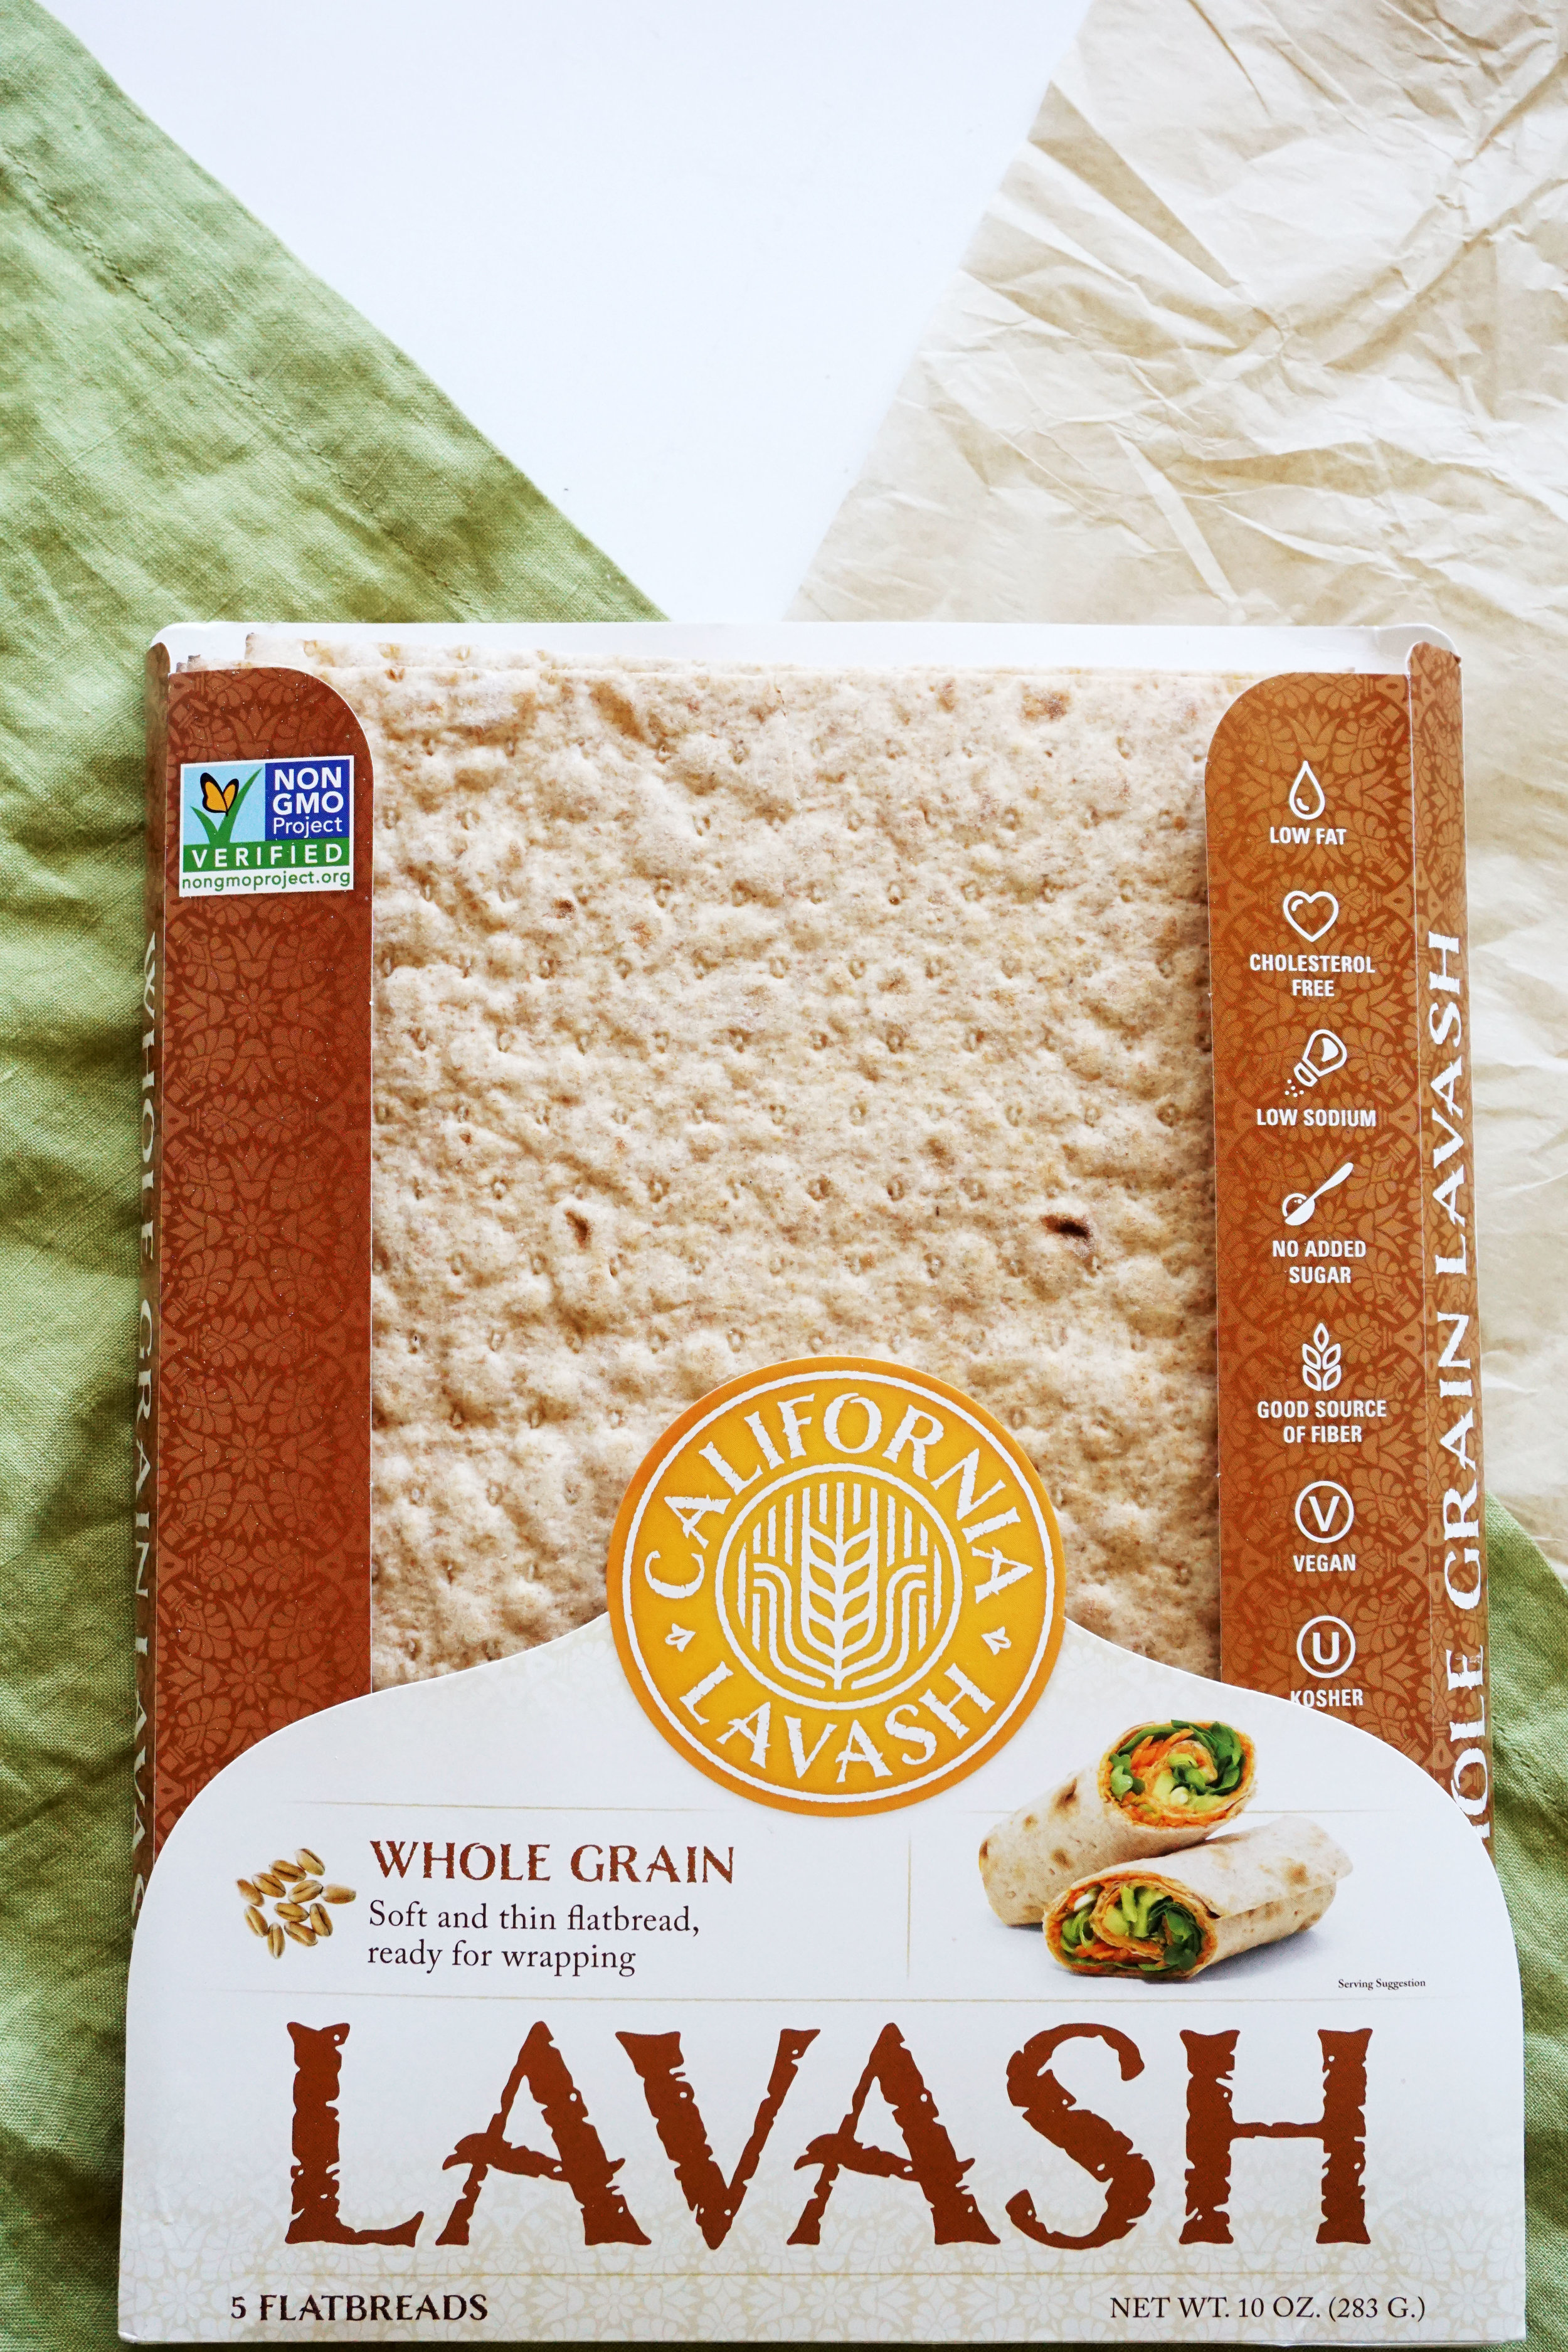 California Lavash Whole-Grain Flatbread